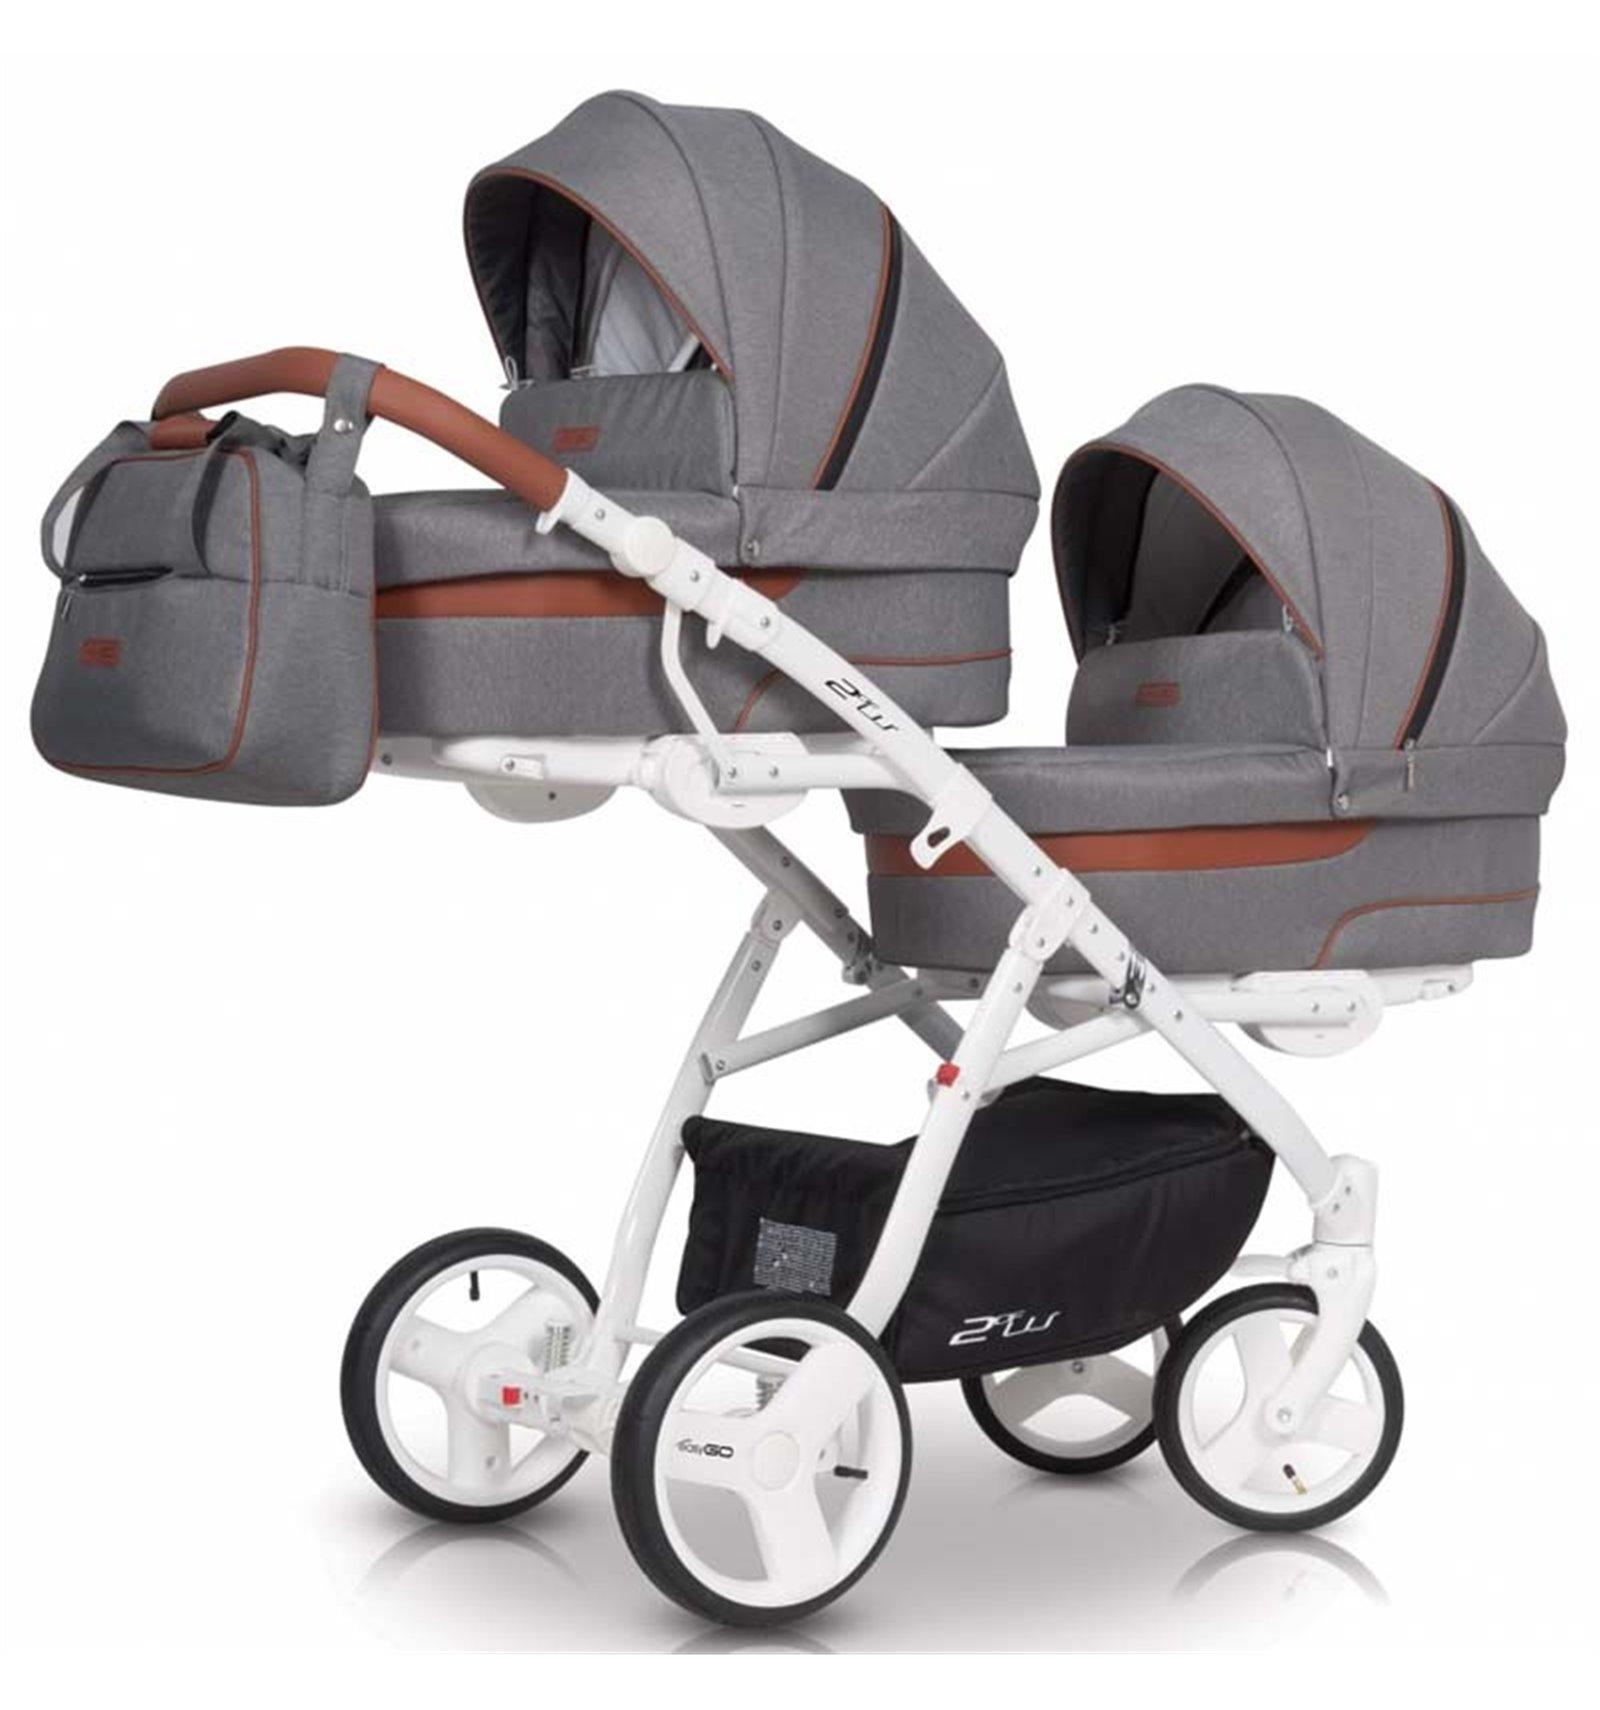 універсальна коляска для двійні Easygo 2ofus Latte